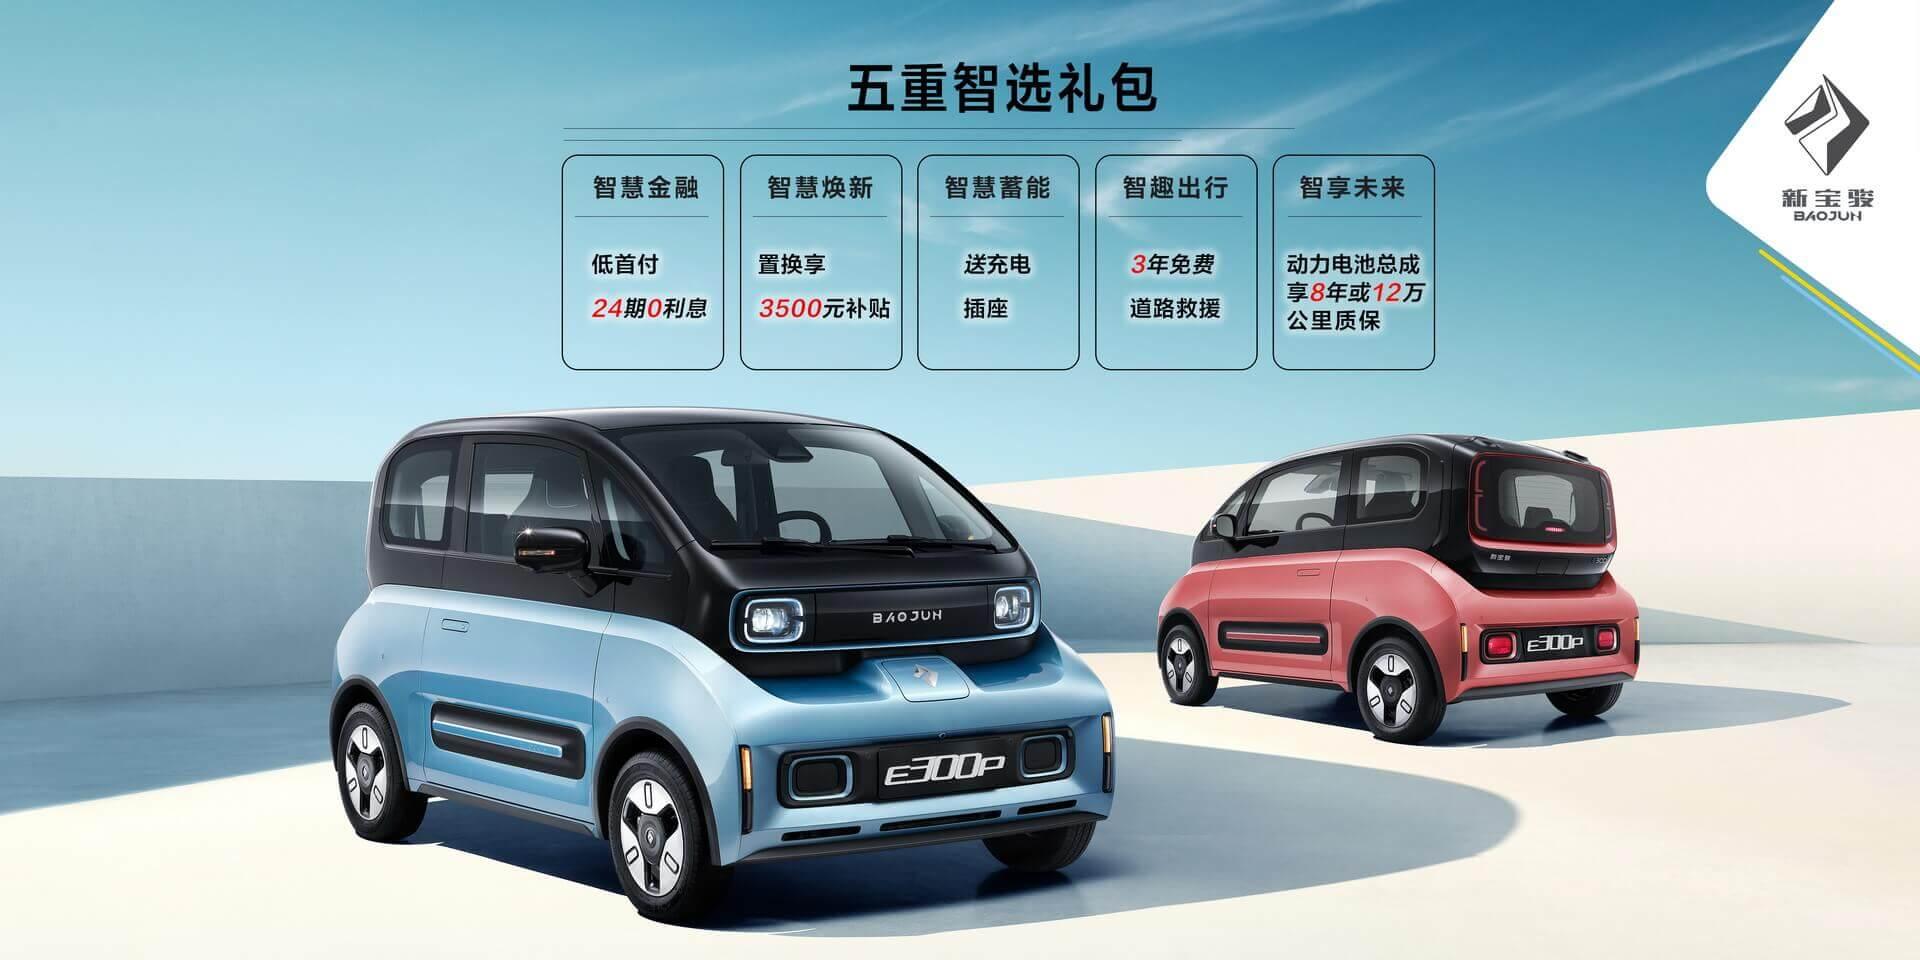 Baojun начал продажи электрических ситикаров E300 иE300 Plus в Китае